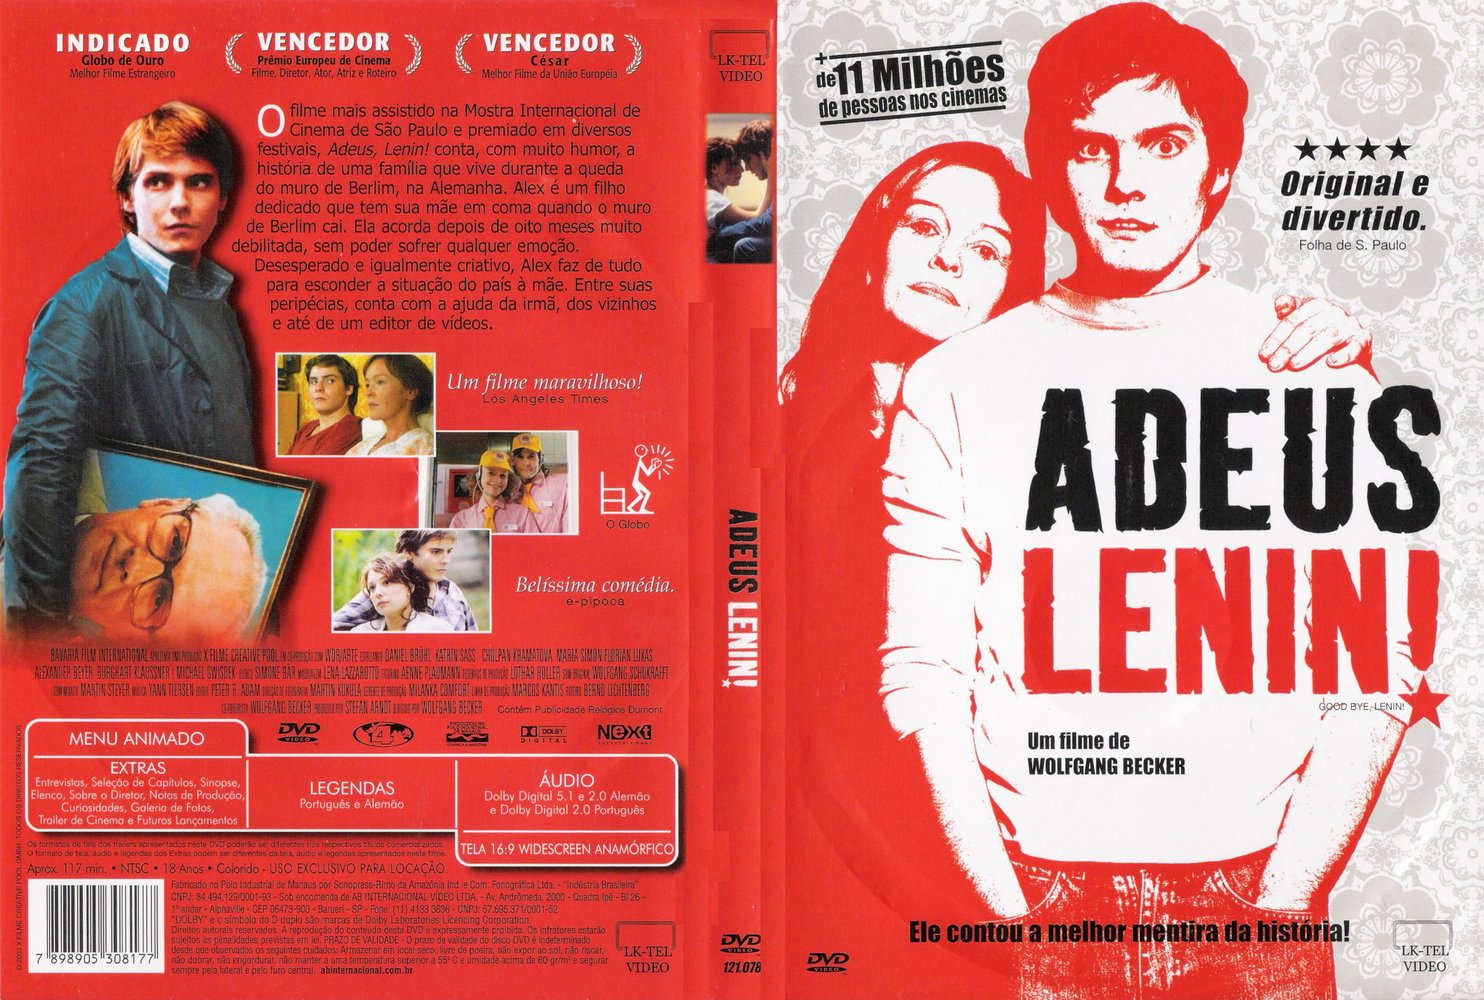 filme Adeus, Lenin fala sobre a queda do muro de Berlim